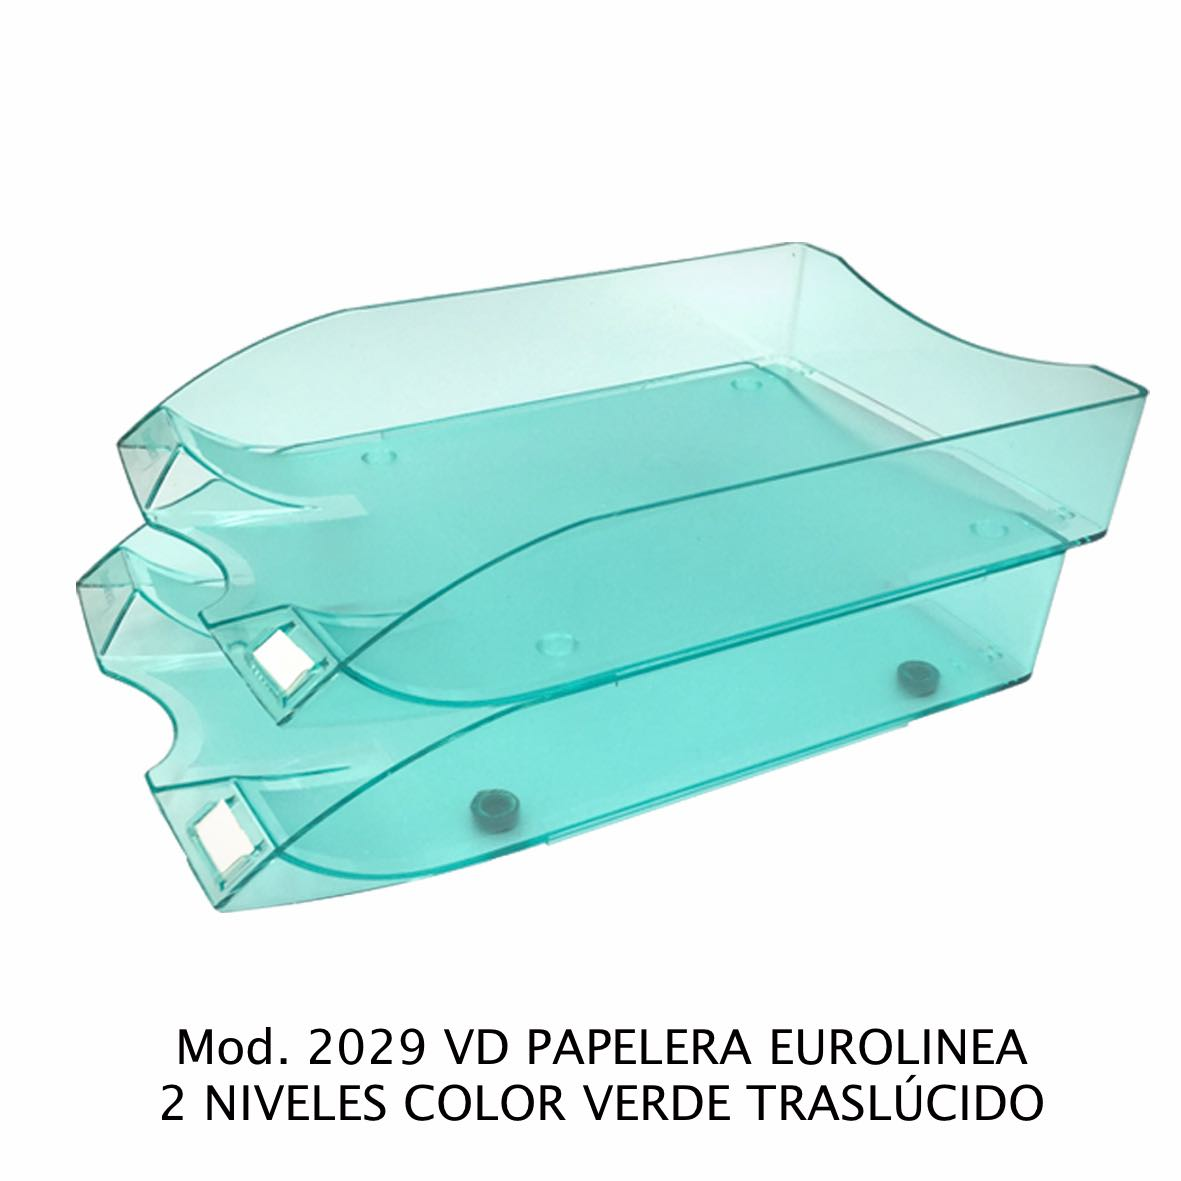 Charola de escritorio tamaño oficio de 2 niveles color verde traslúcido Eurolínea Modelo2029 VD - Sablón